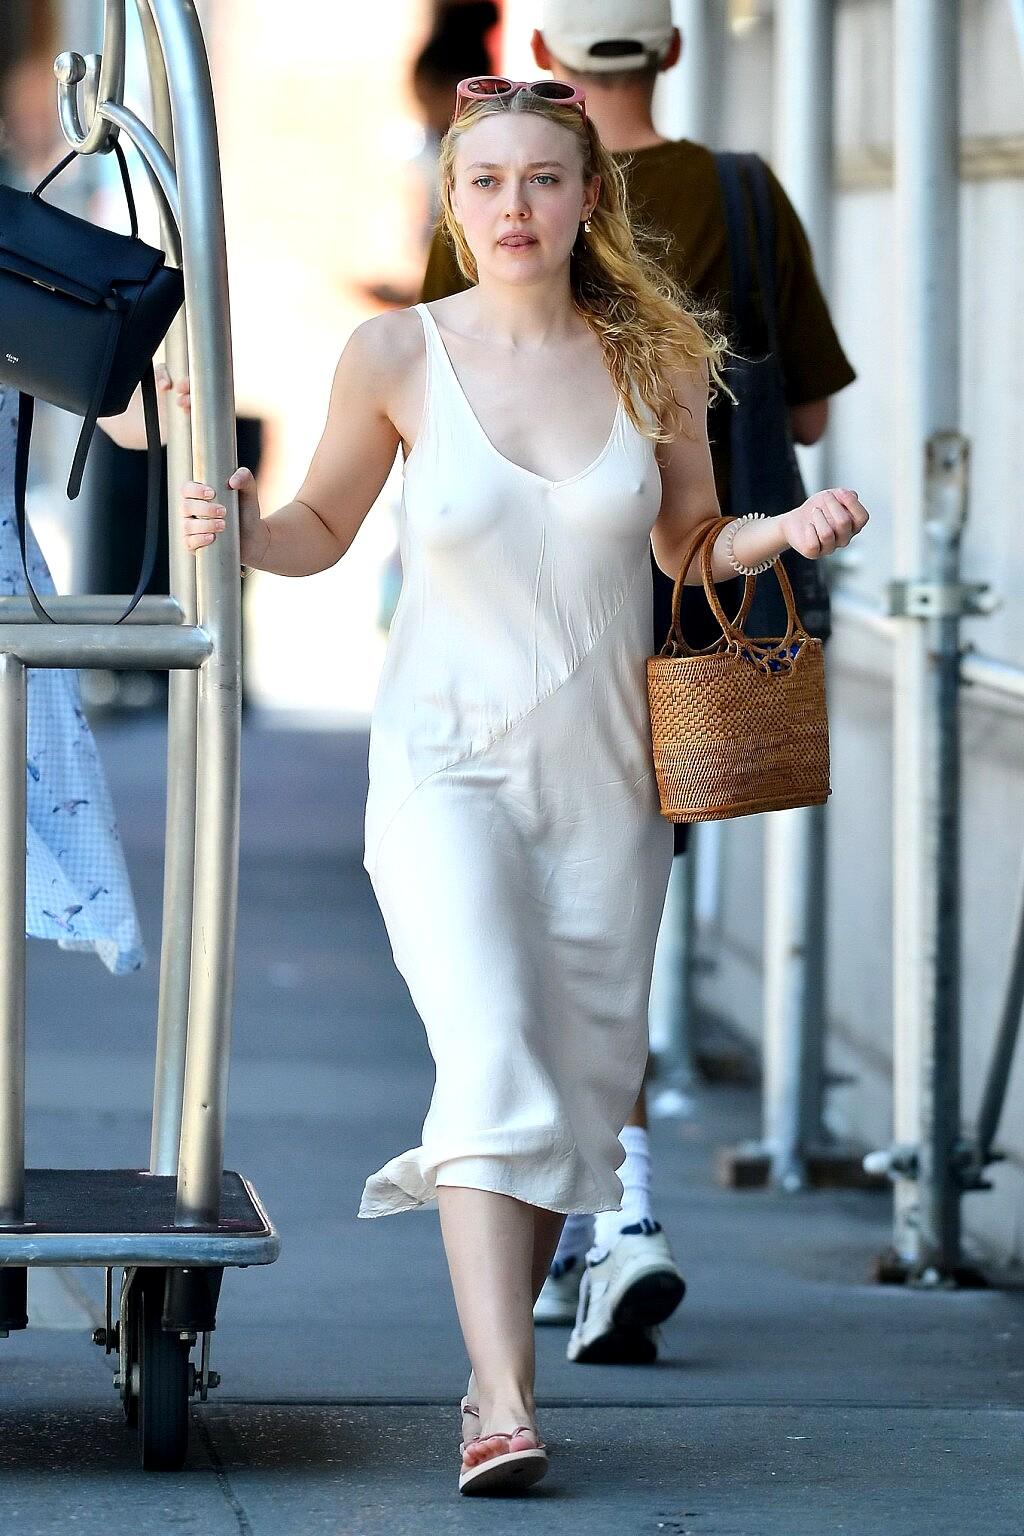 Dakota Fanning Looks Hot in White Dress